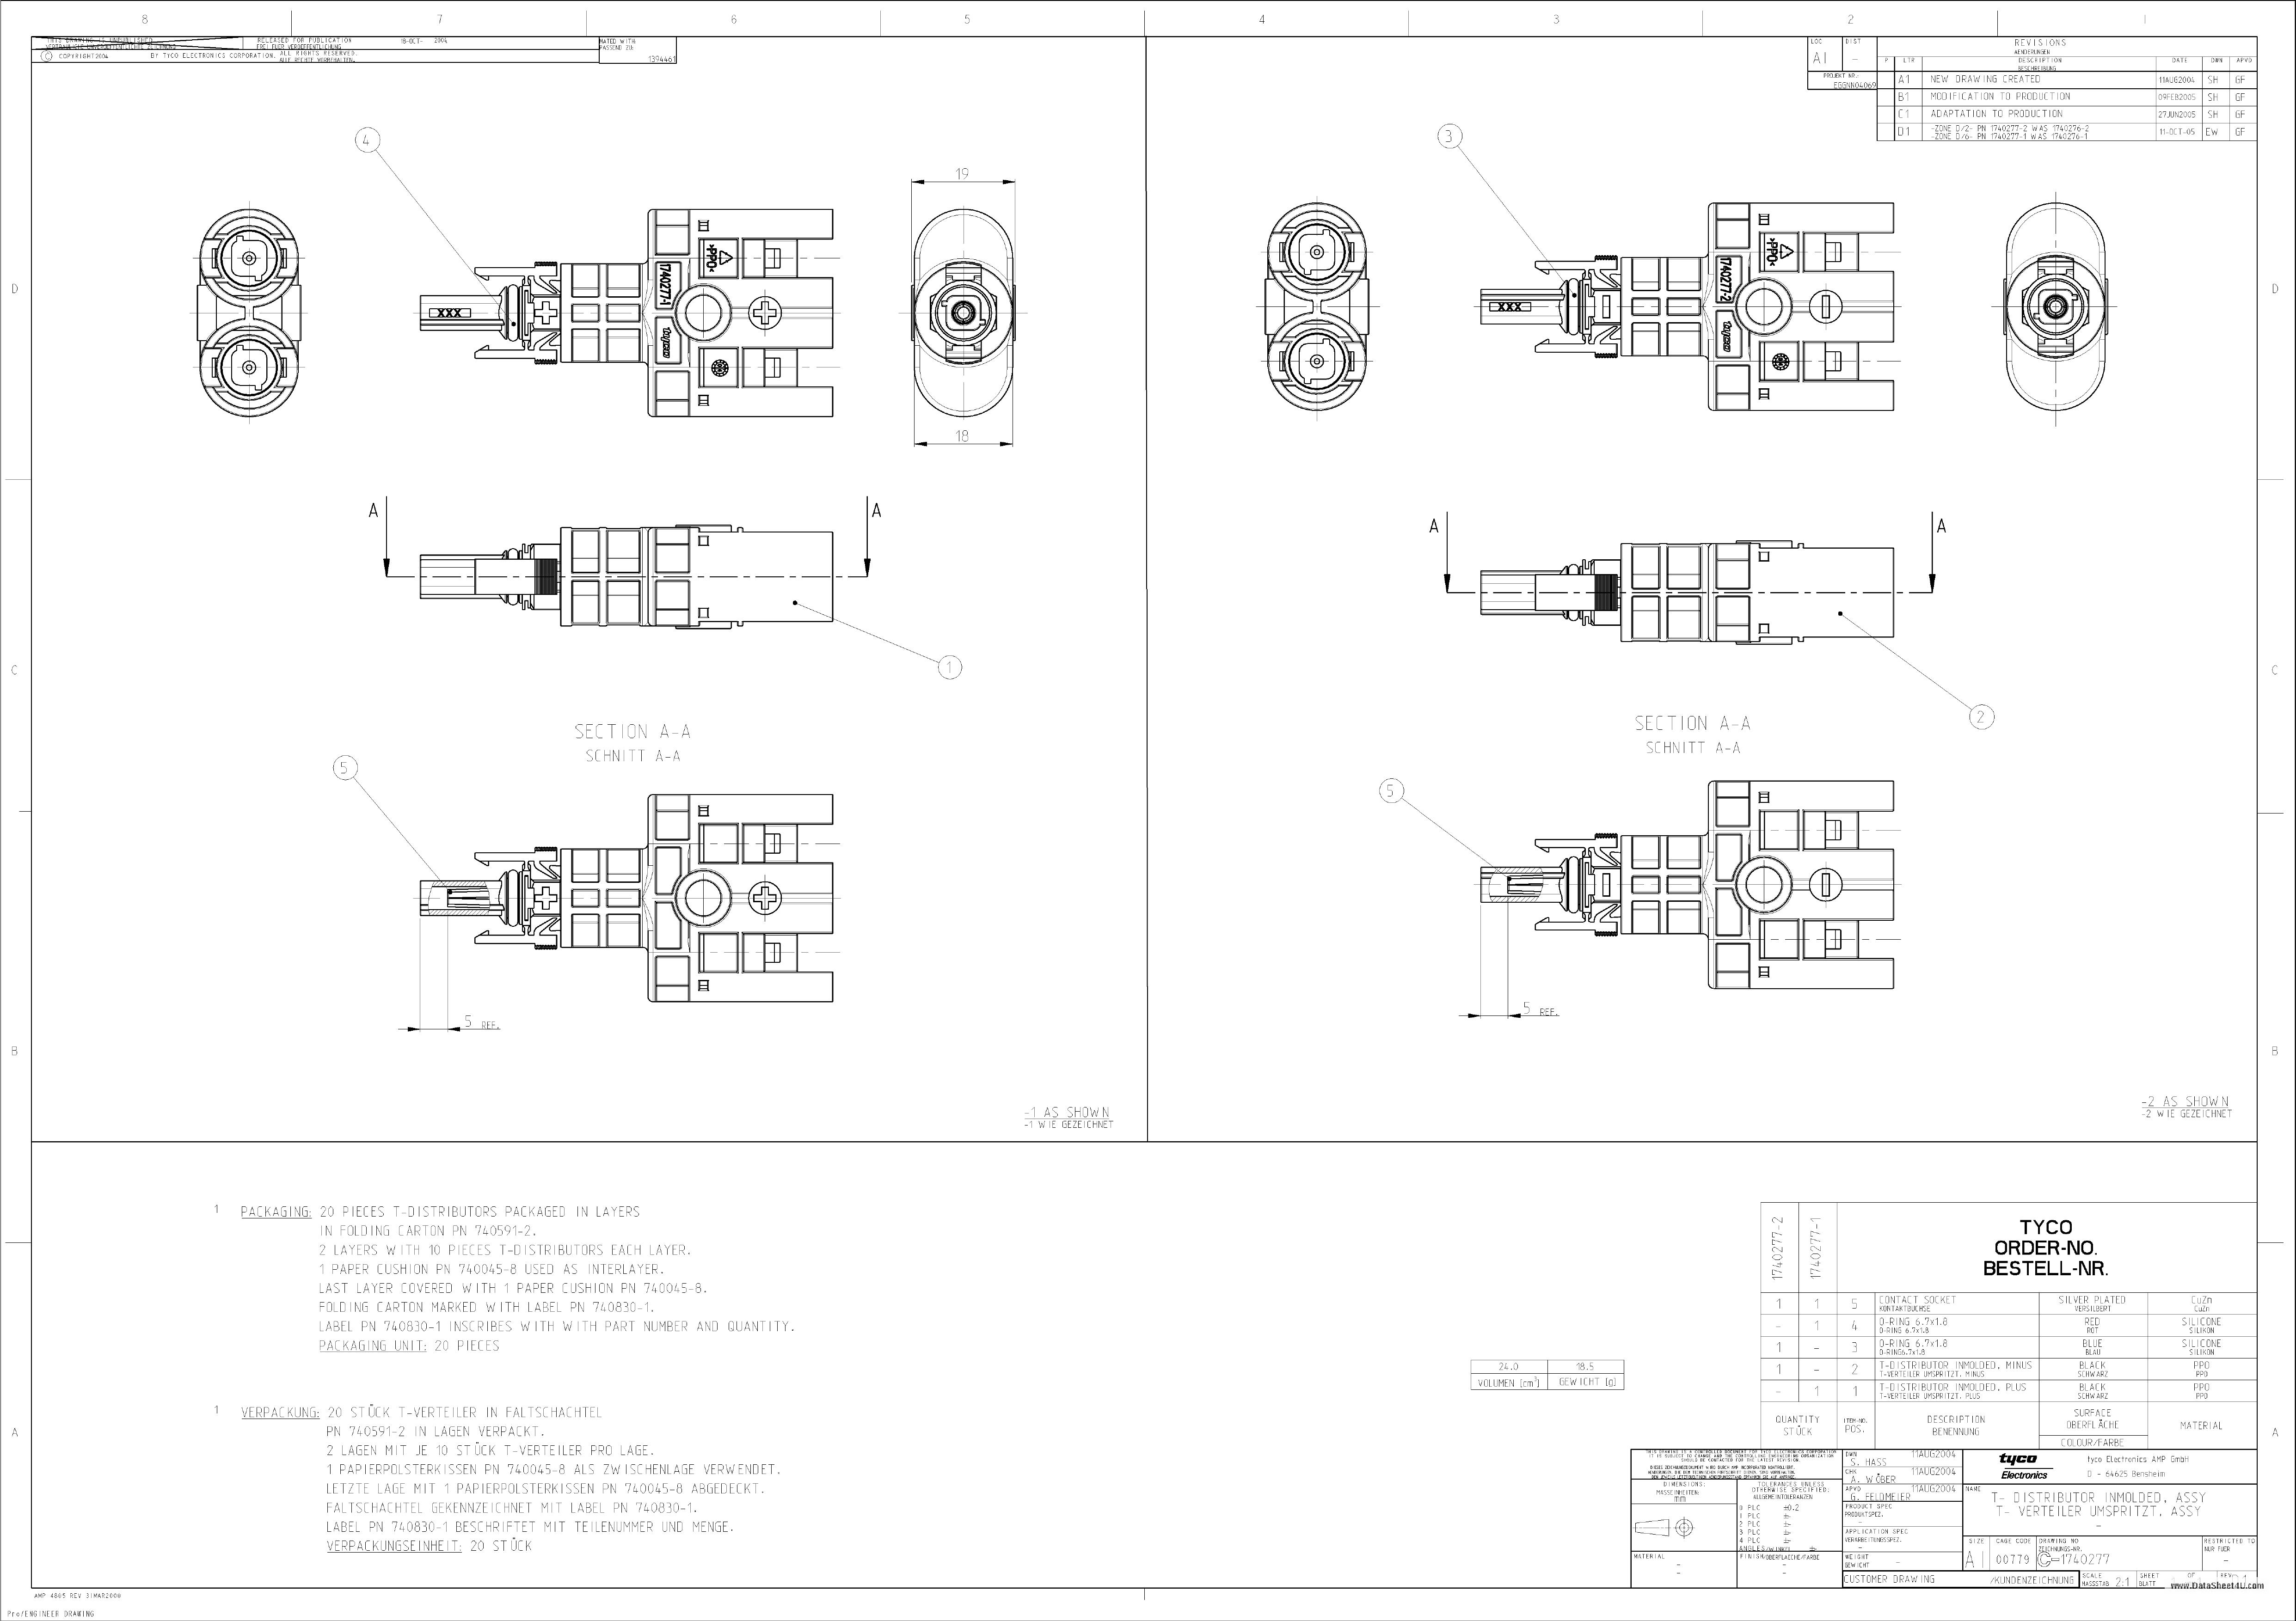 C-1740277 datasheet